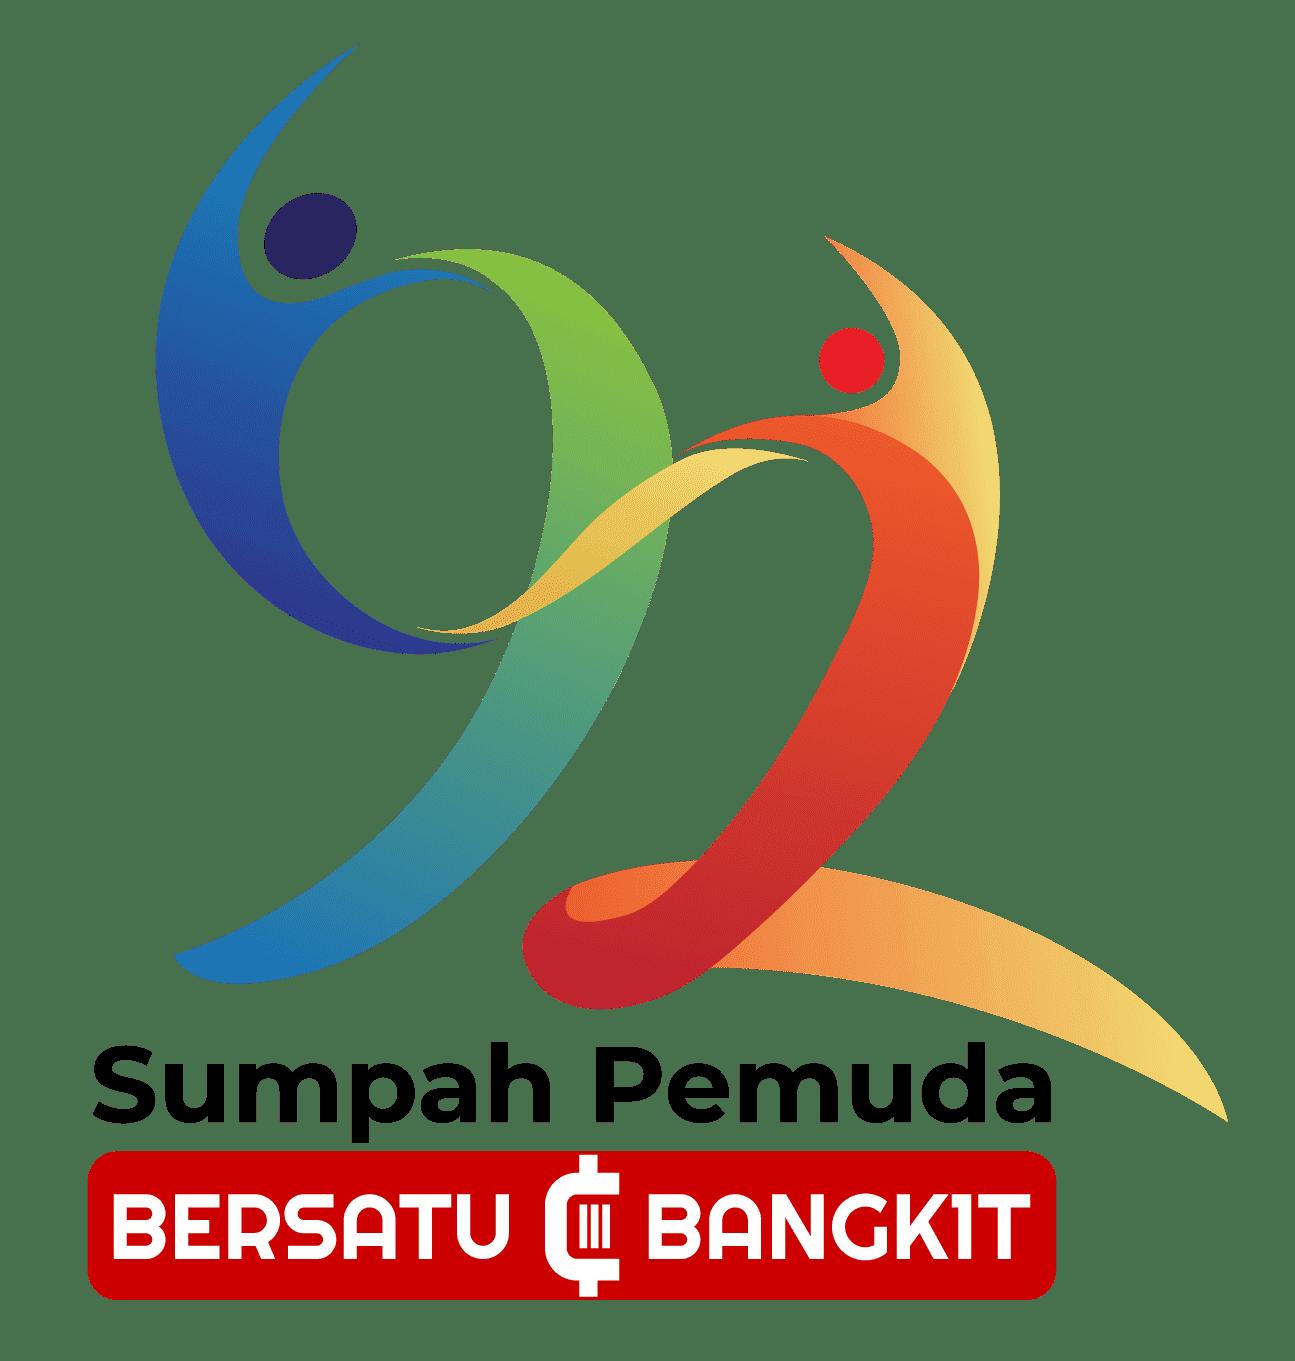 Download Logo Sumpah Pemuda 2020 Png Jpg Review Teknologi Sekarang